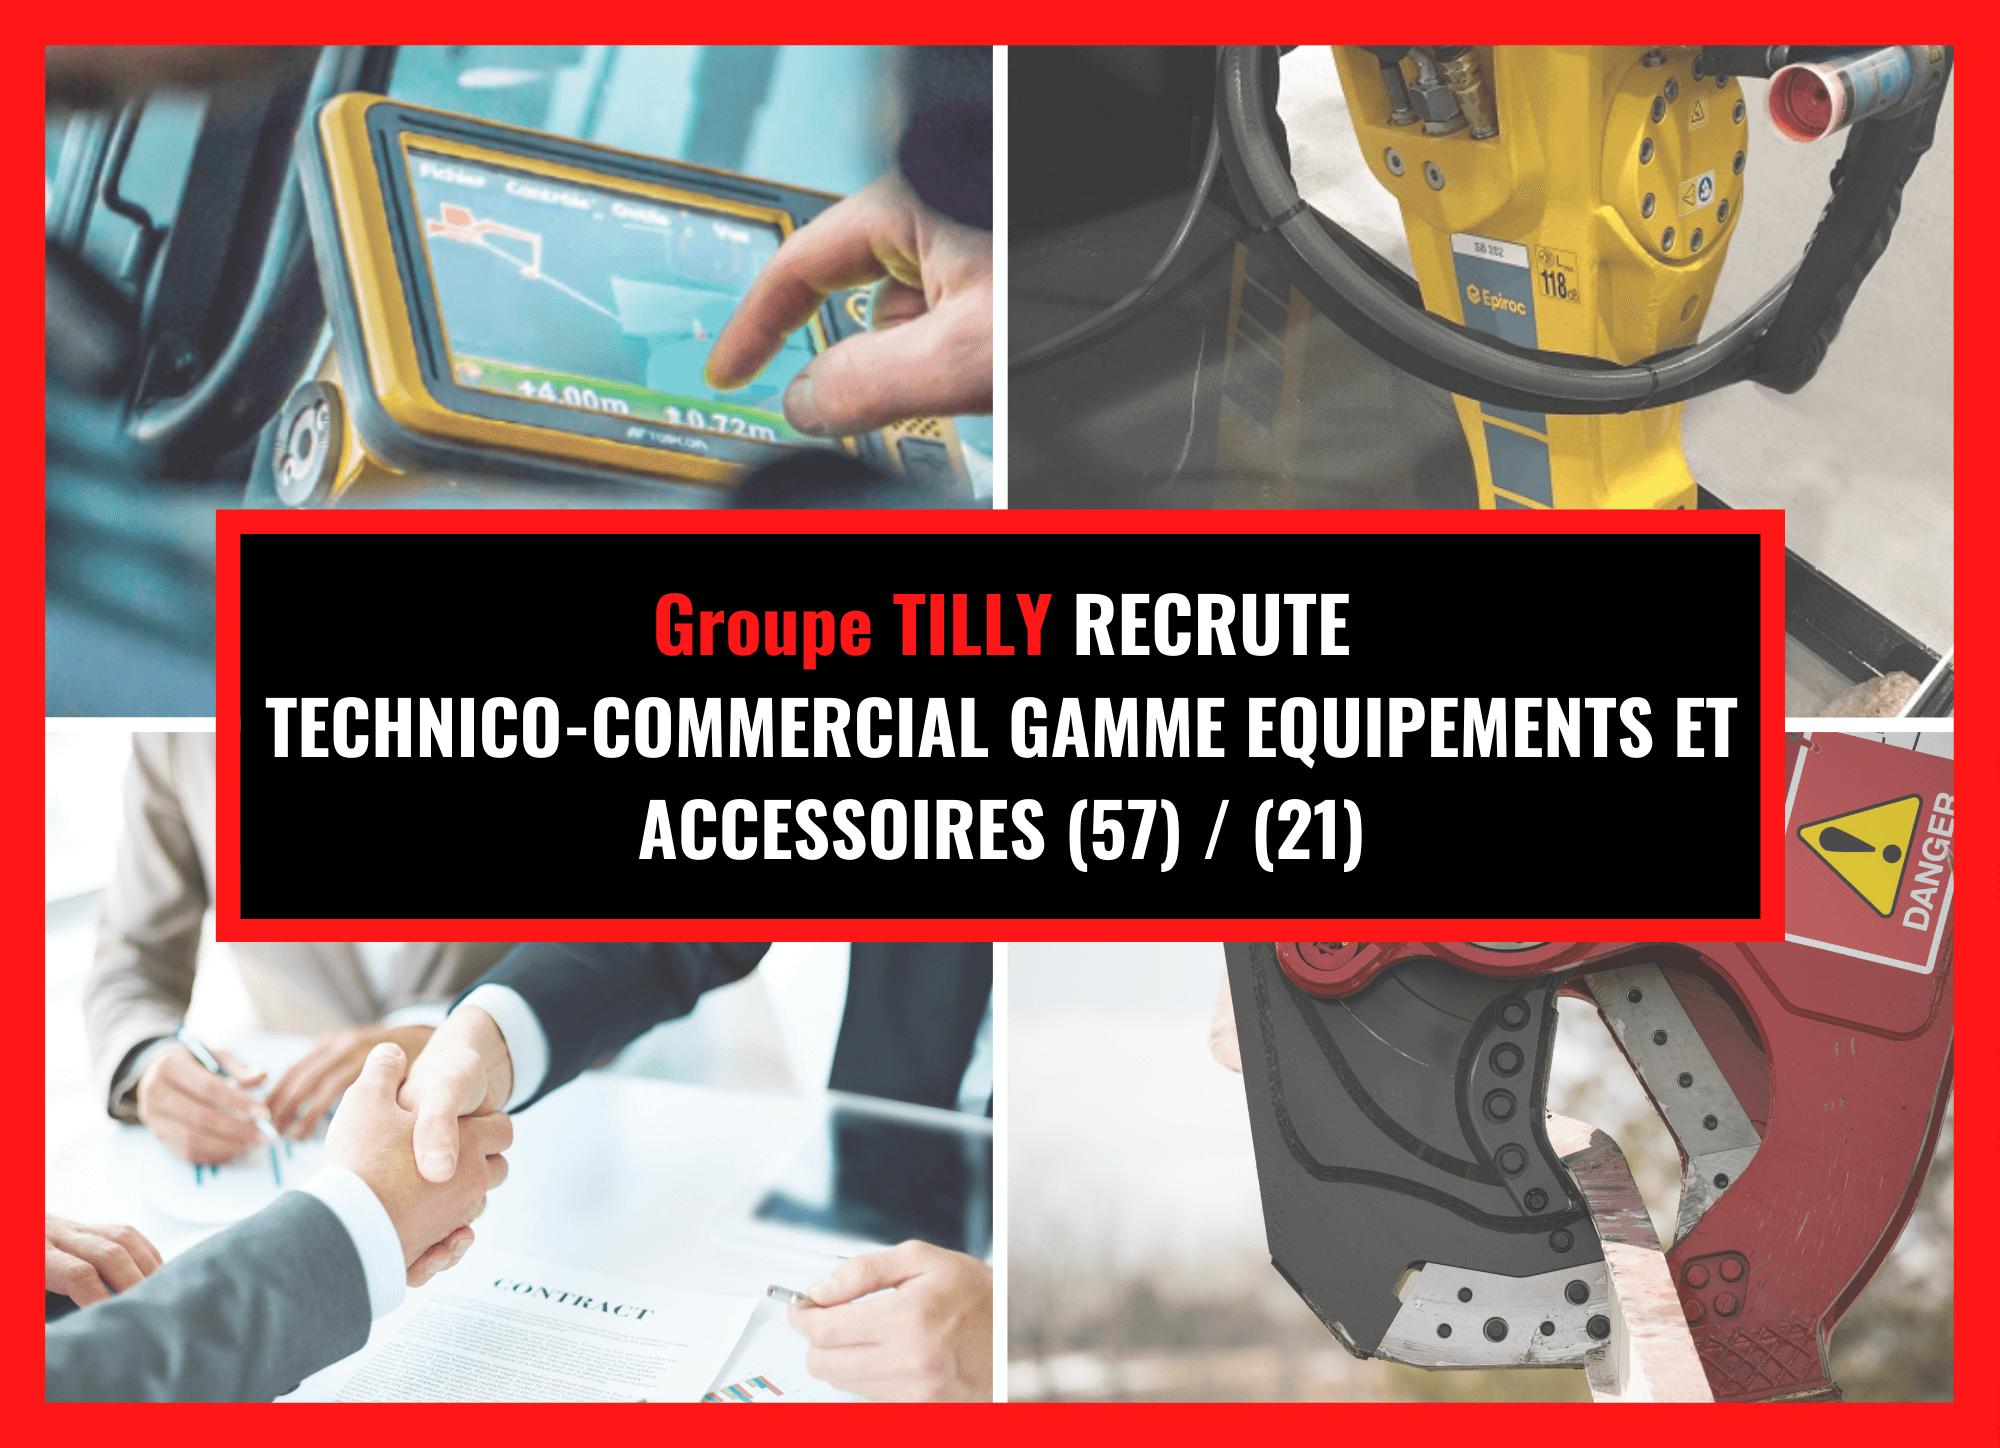 Technico-commerciaux gamme accessoires et équipements (57), (21)